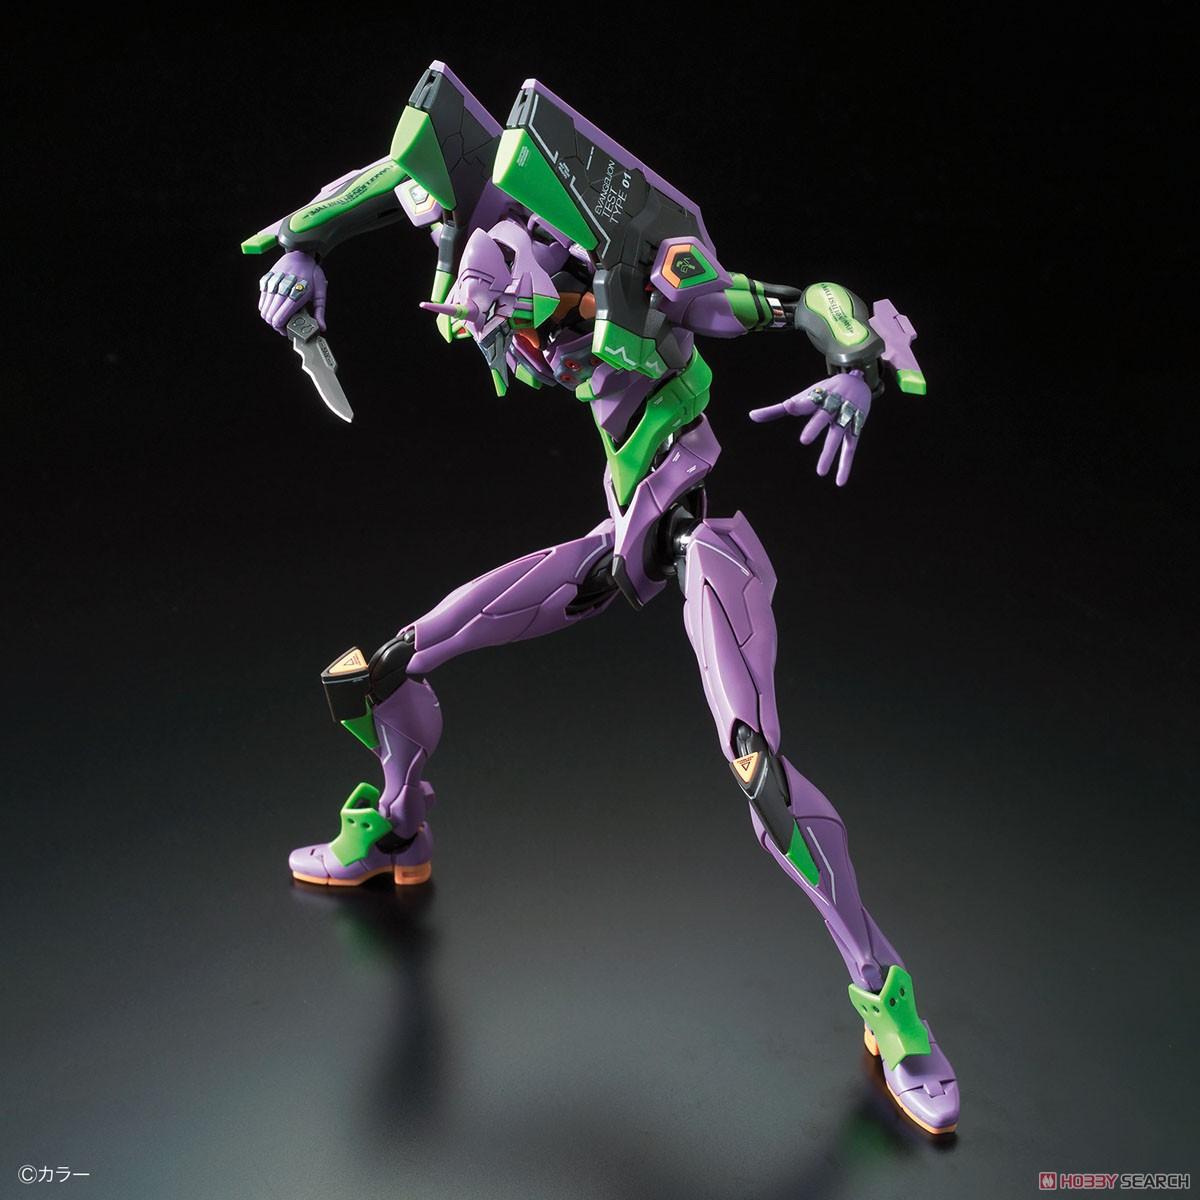 Multipurpose Humanoid Decisive Weapon, Artificial Human Evangelion Unit-01 DX Transport Platform Set (RG) (Plastic model) Item picture2